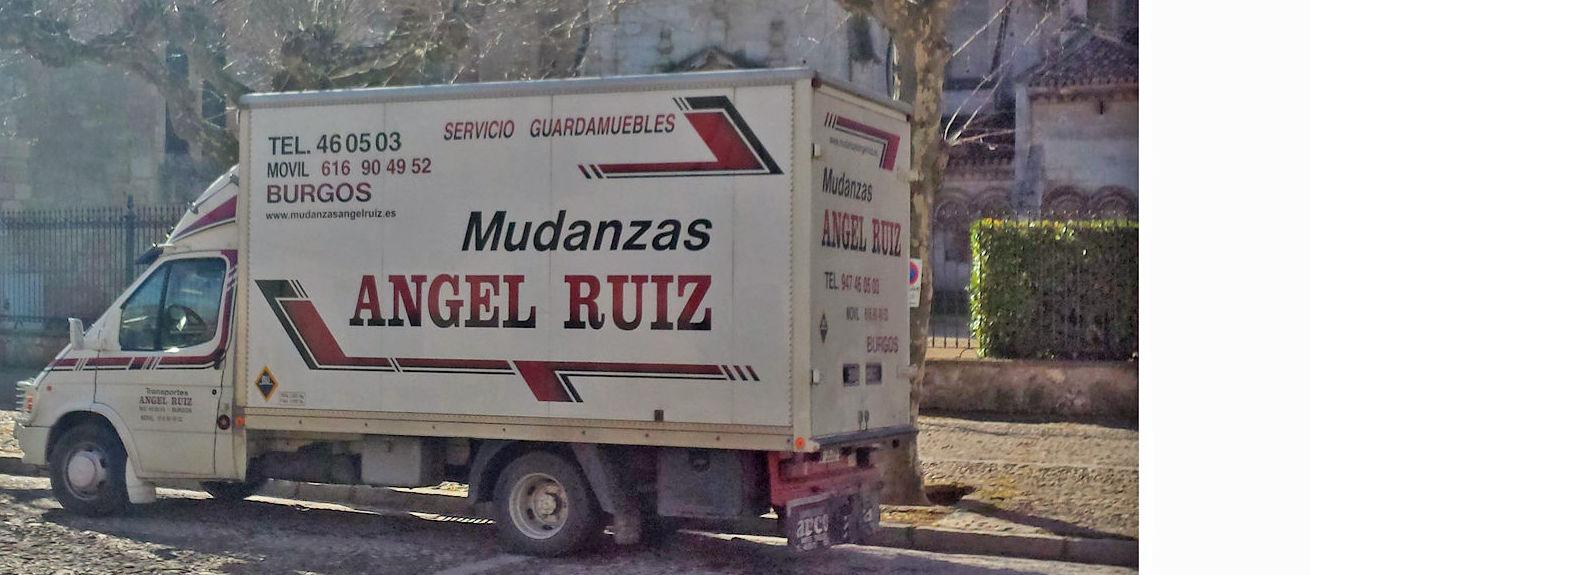 Mudanzas locales y nacionales: Servicios de Mudanzas Ángel Ruiz